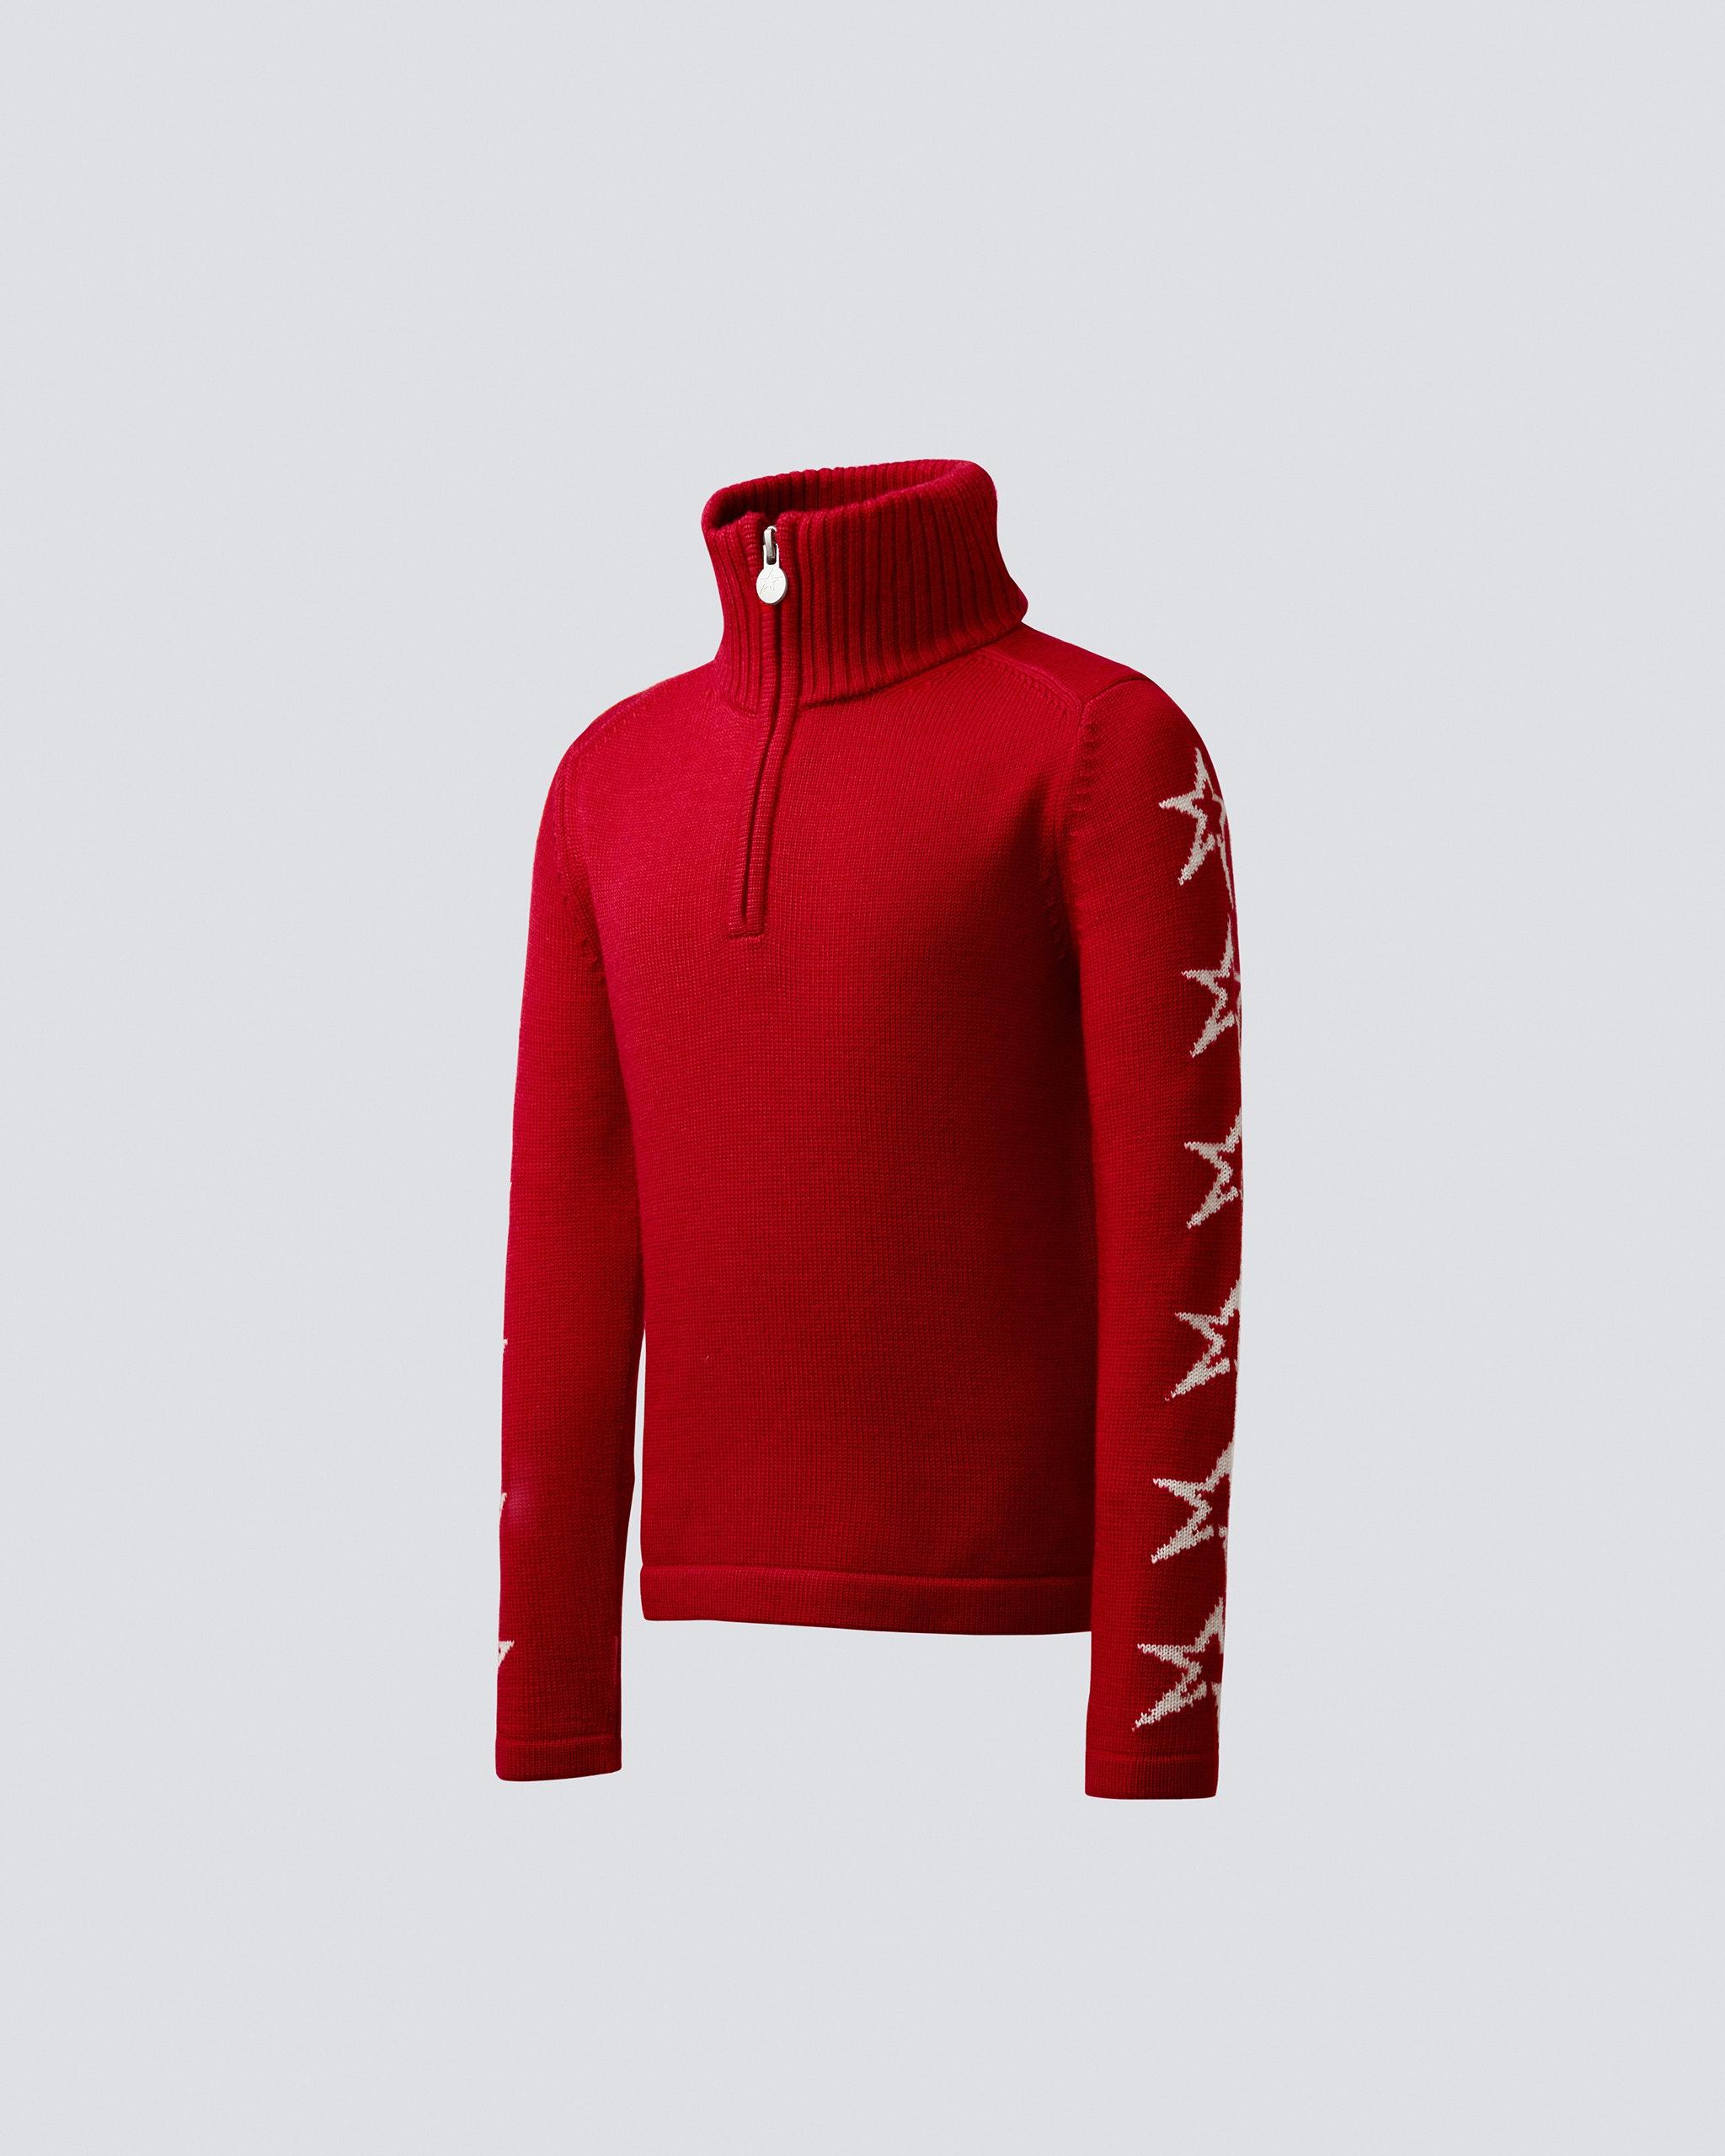 Star Half Zip Merino Wool Sweater